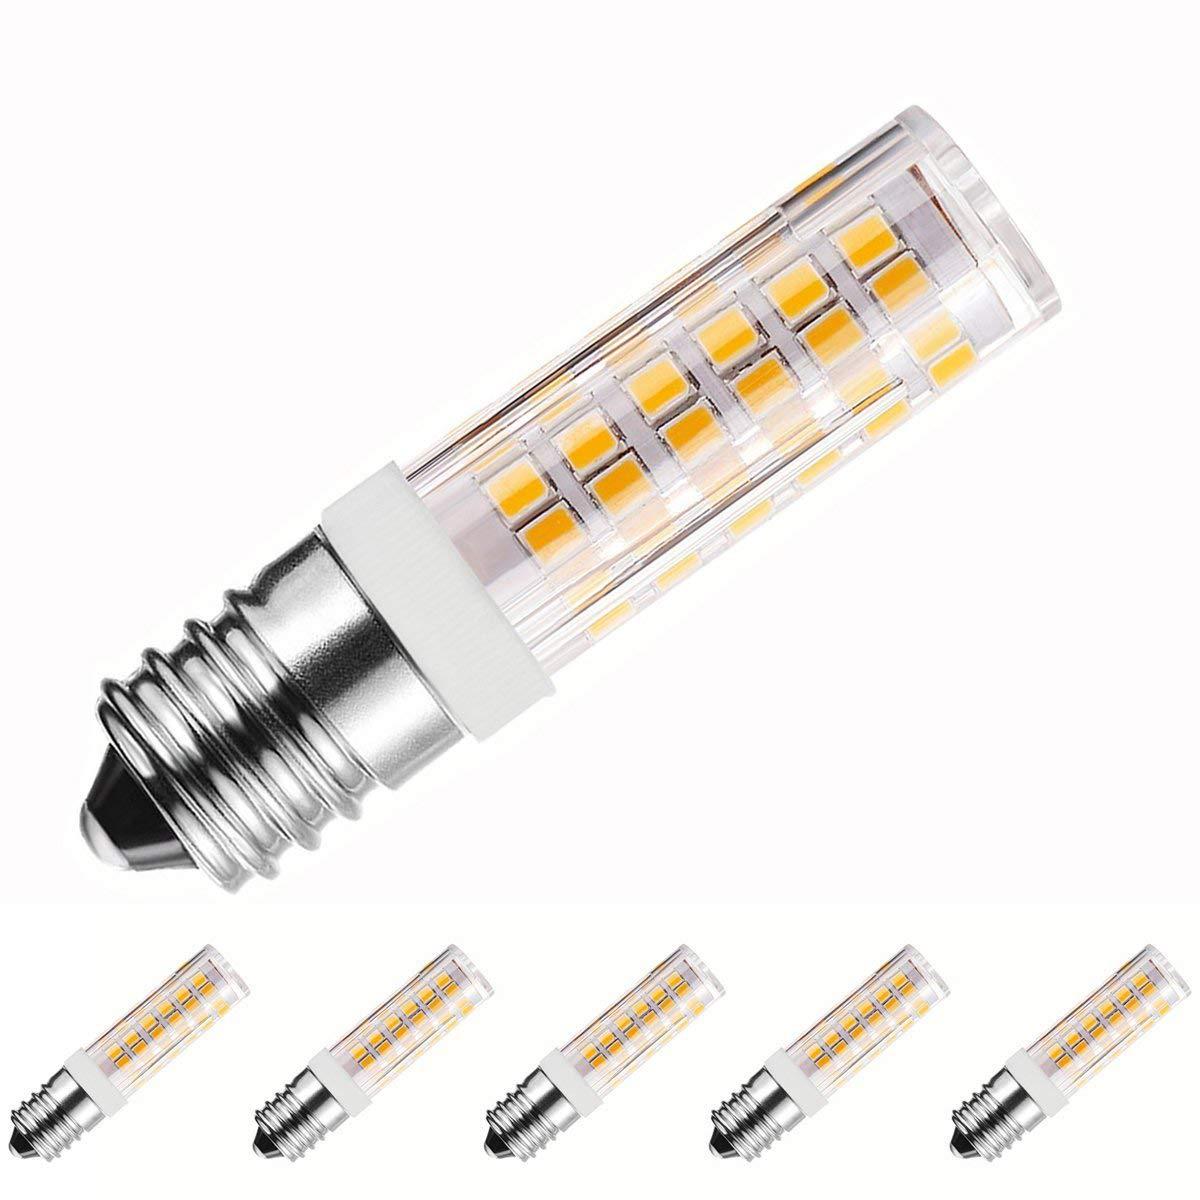 McDen E17 LED Bulb, 6W, JD 60W 70W Halogen Bulb Equivalent, 690Lumens, Mini Candelabra Base, Ceiling Fan Light,5 Pack (6W, E17 Warm White 3000K)